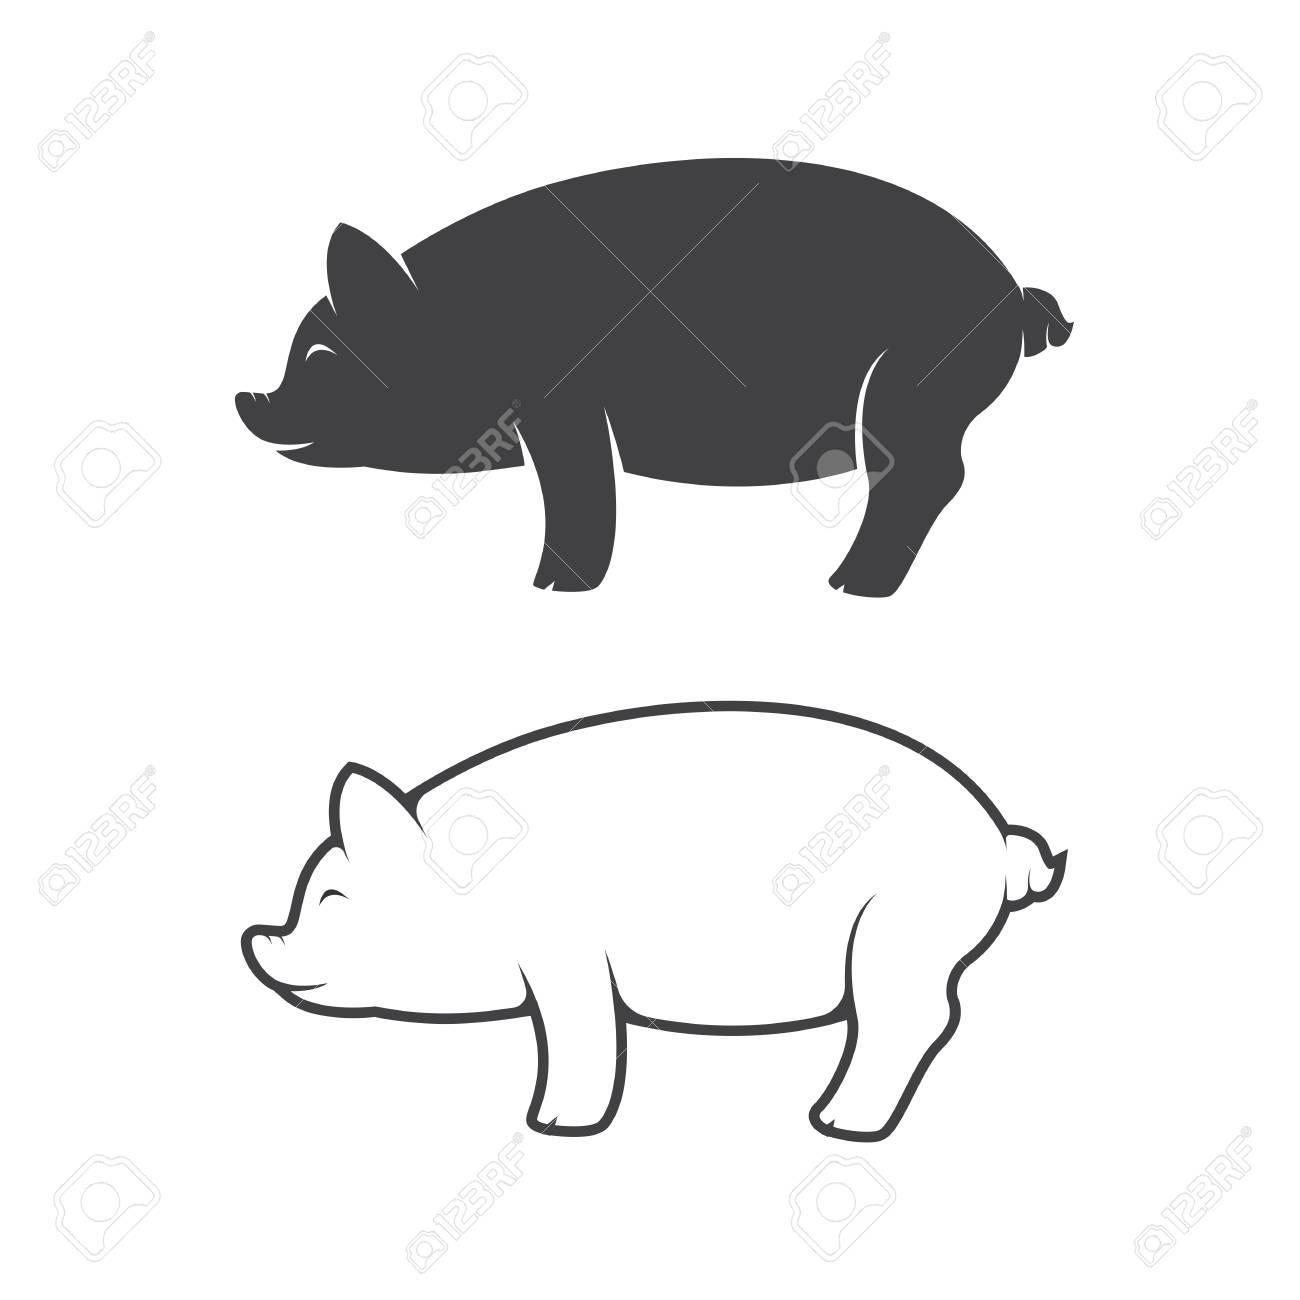 pig design on white background - 51307443